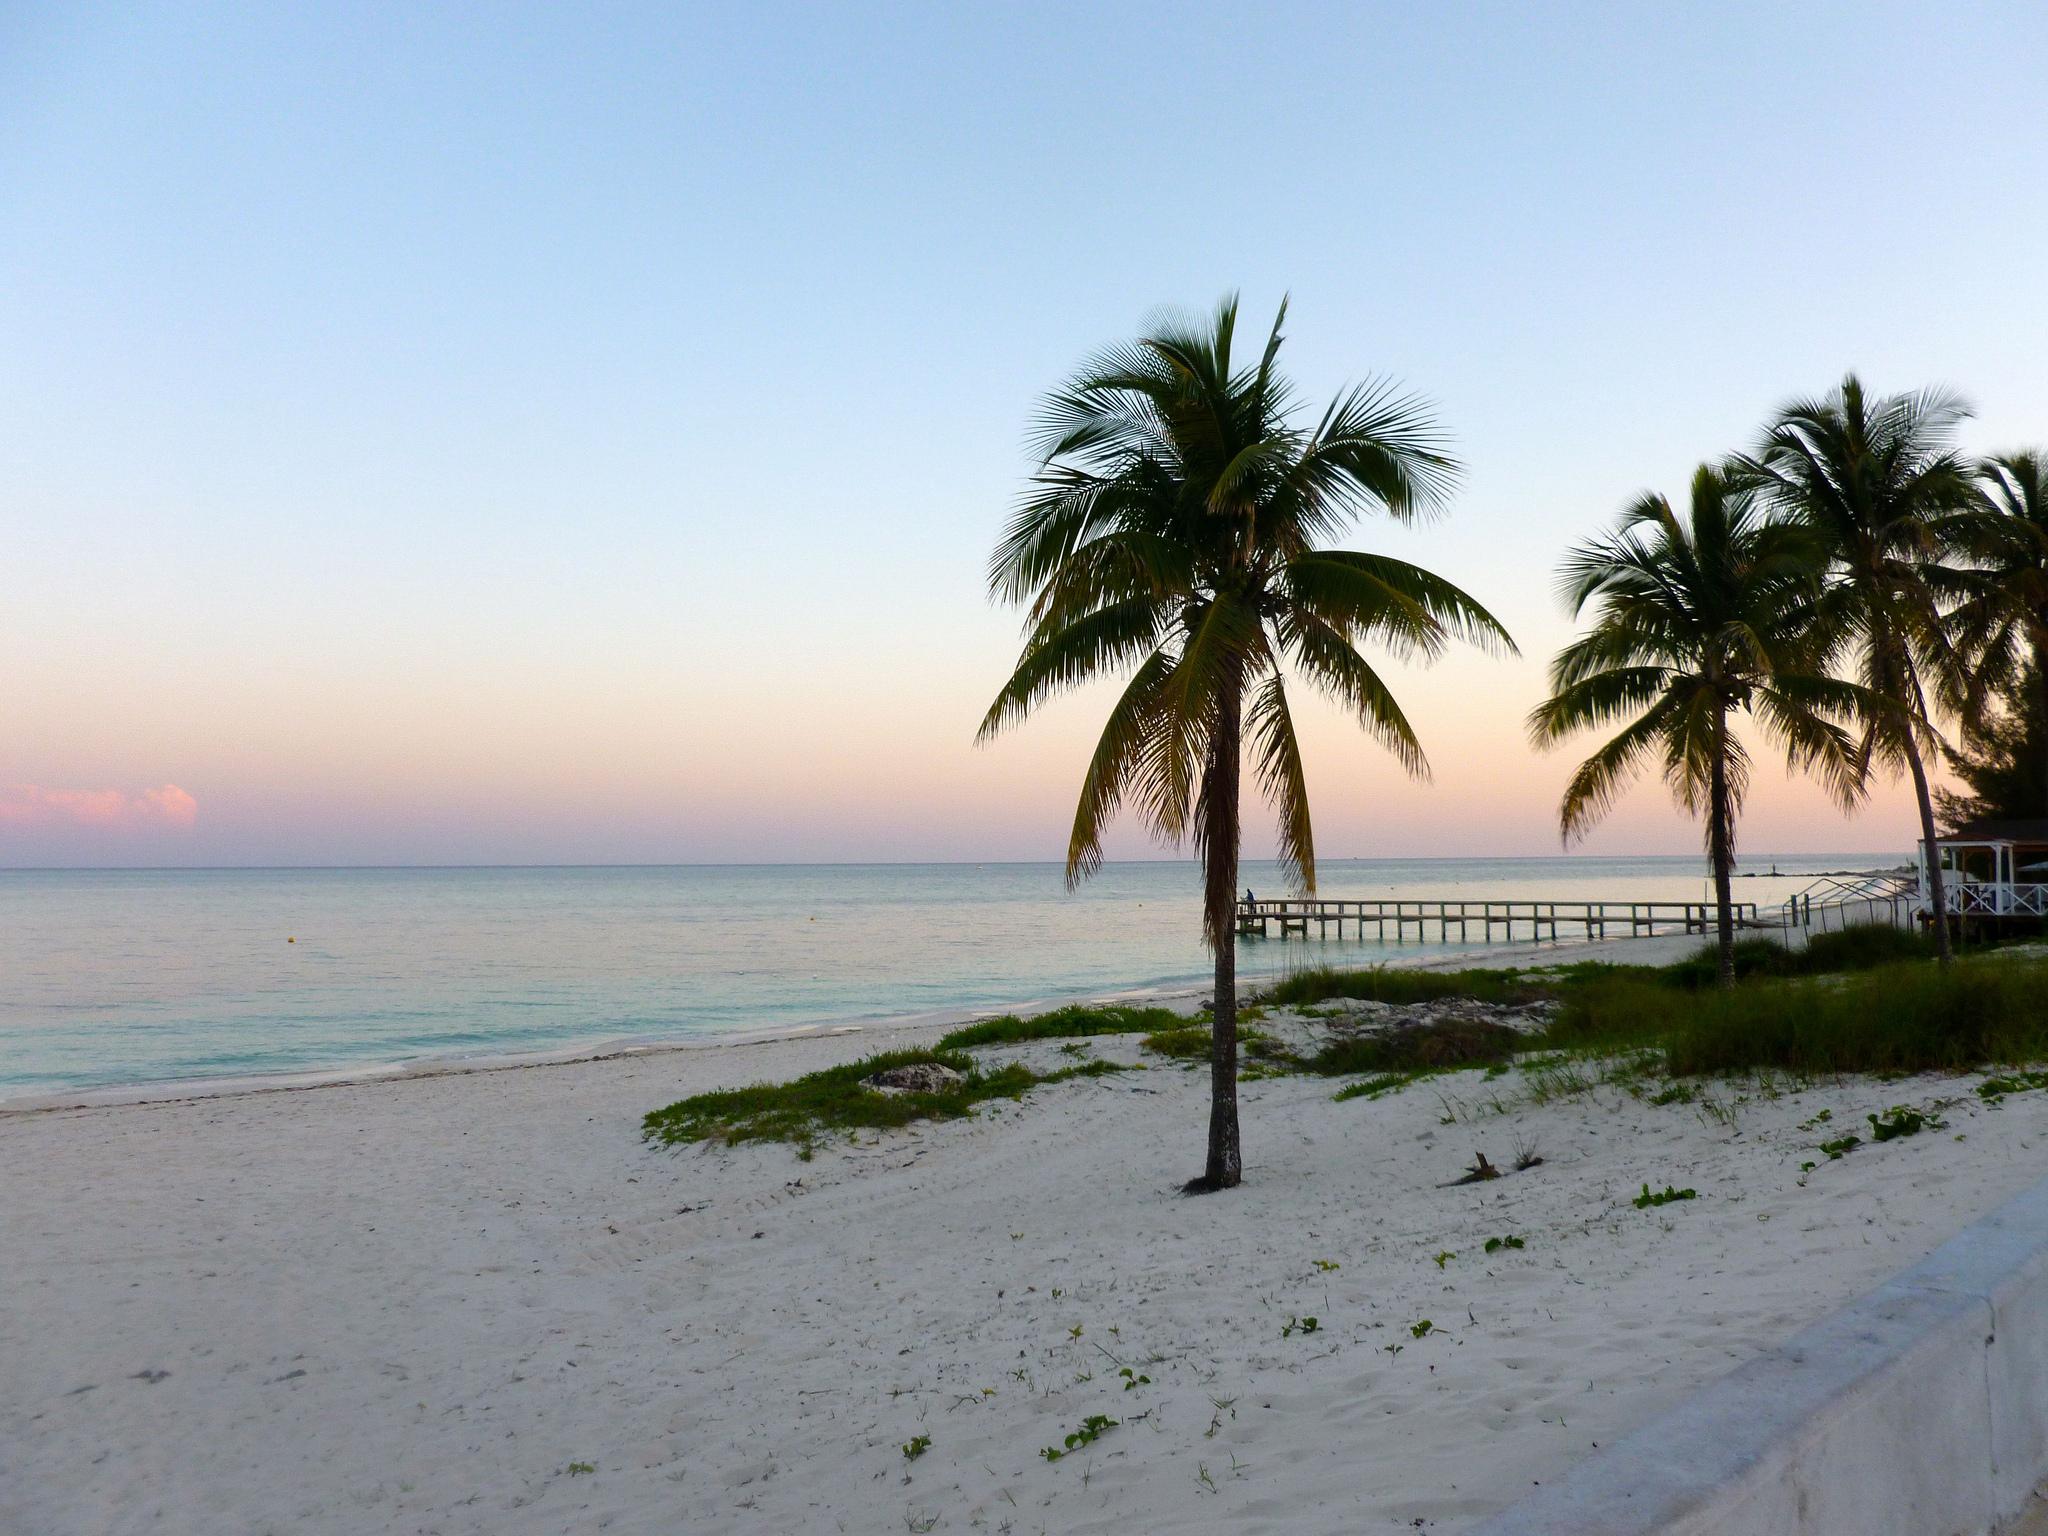 bahamas-ang-park-sa-taino-tabing-dagat-secret-world